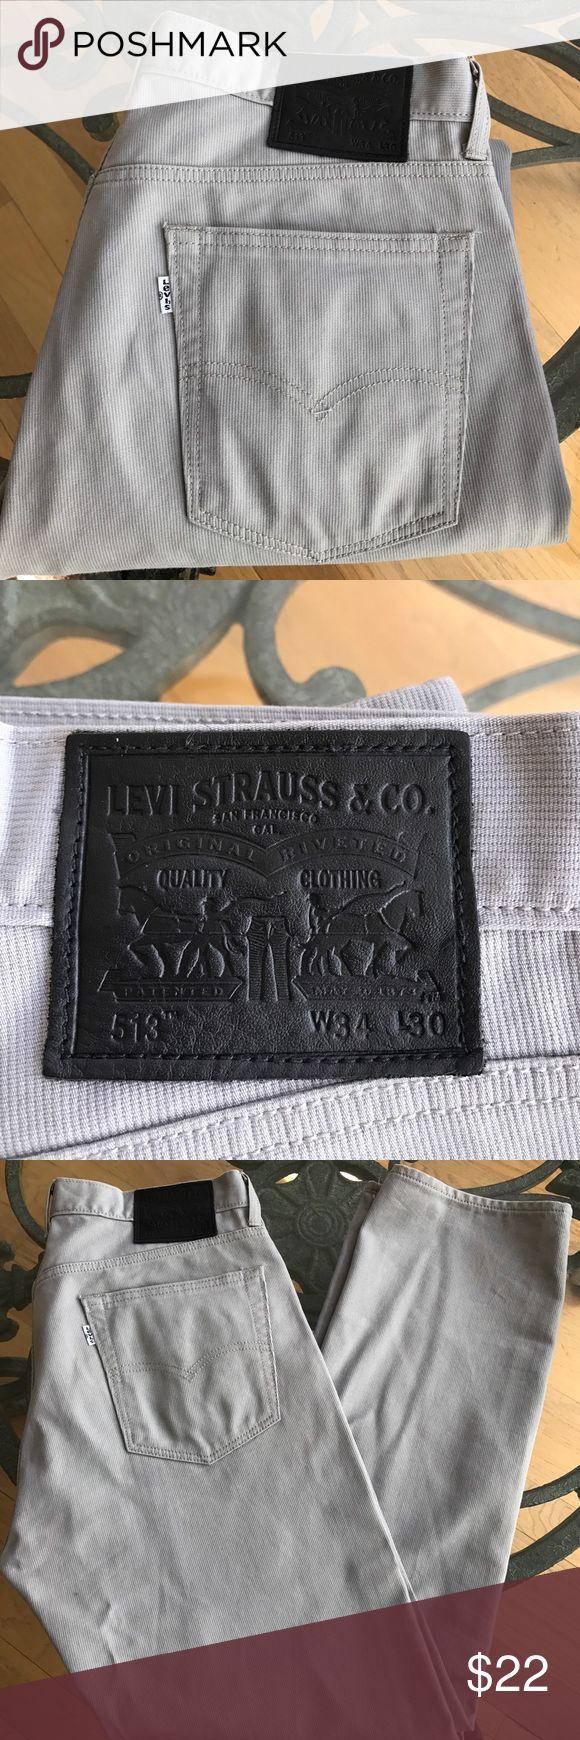 Levi's 513 Men's Corduroy pants Great condition Levi's Pants Corduroy